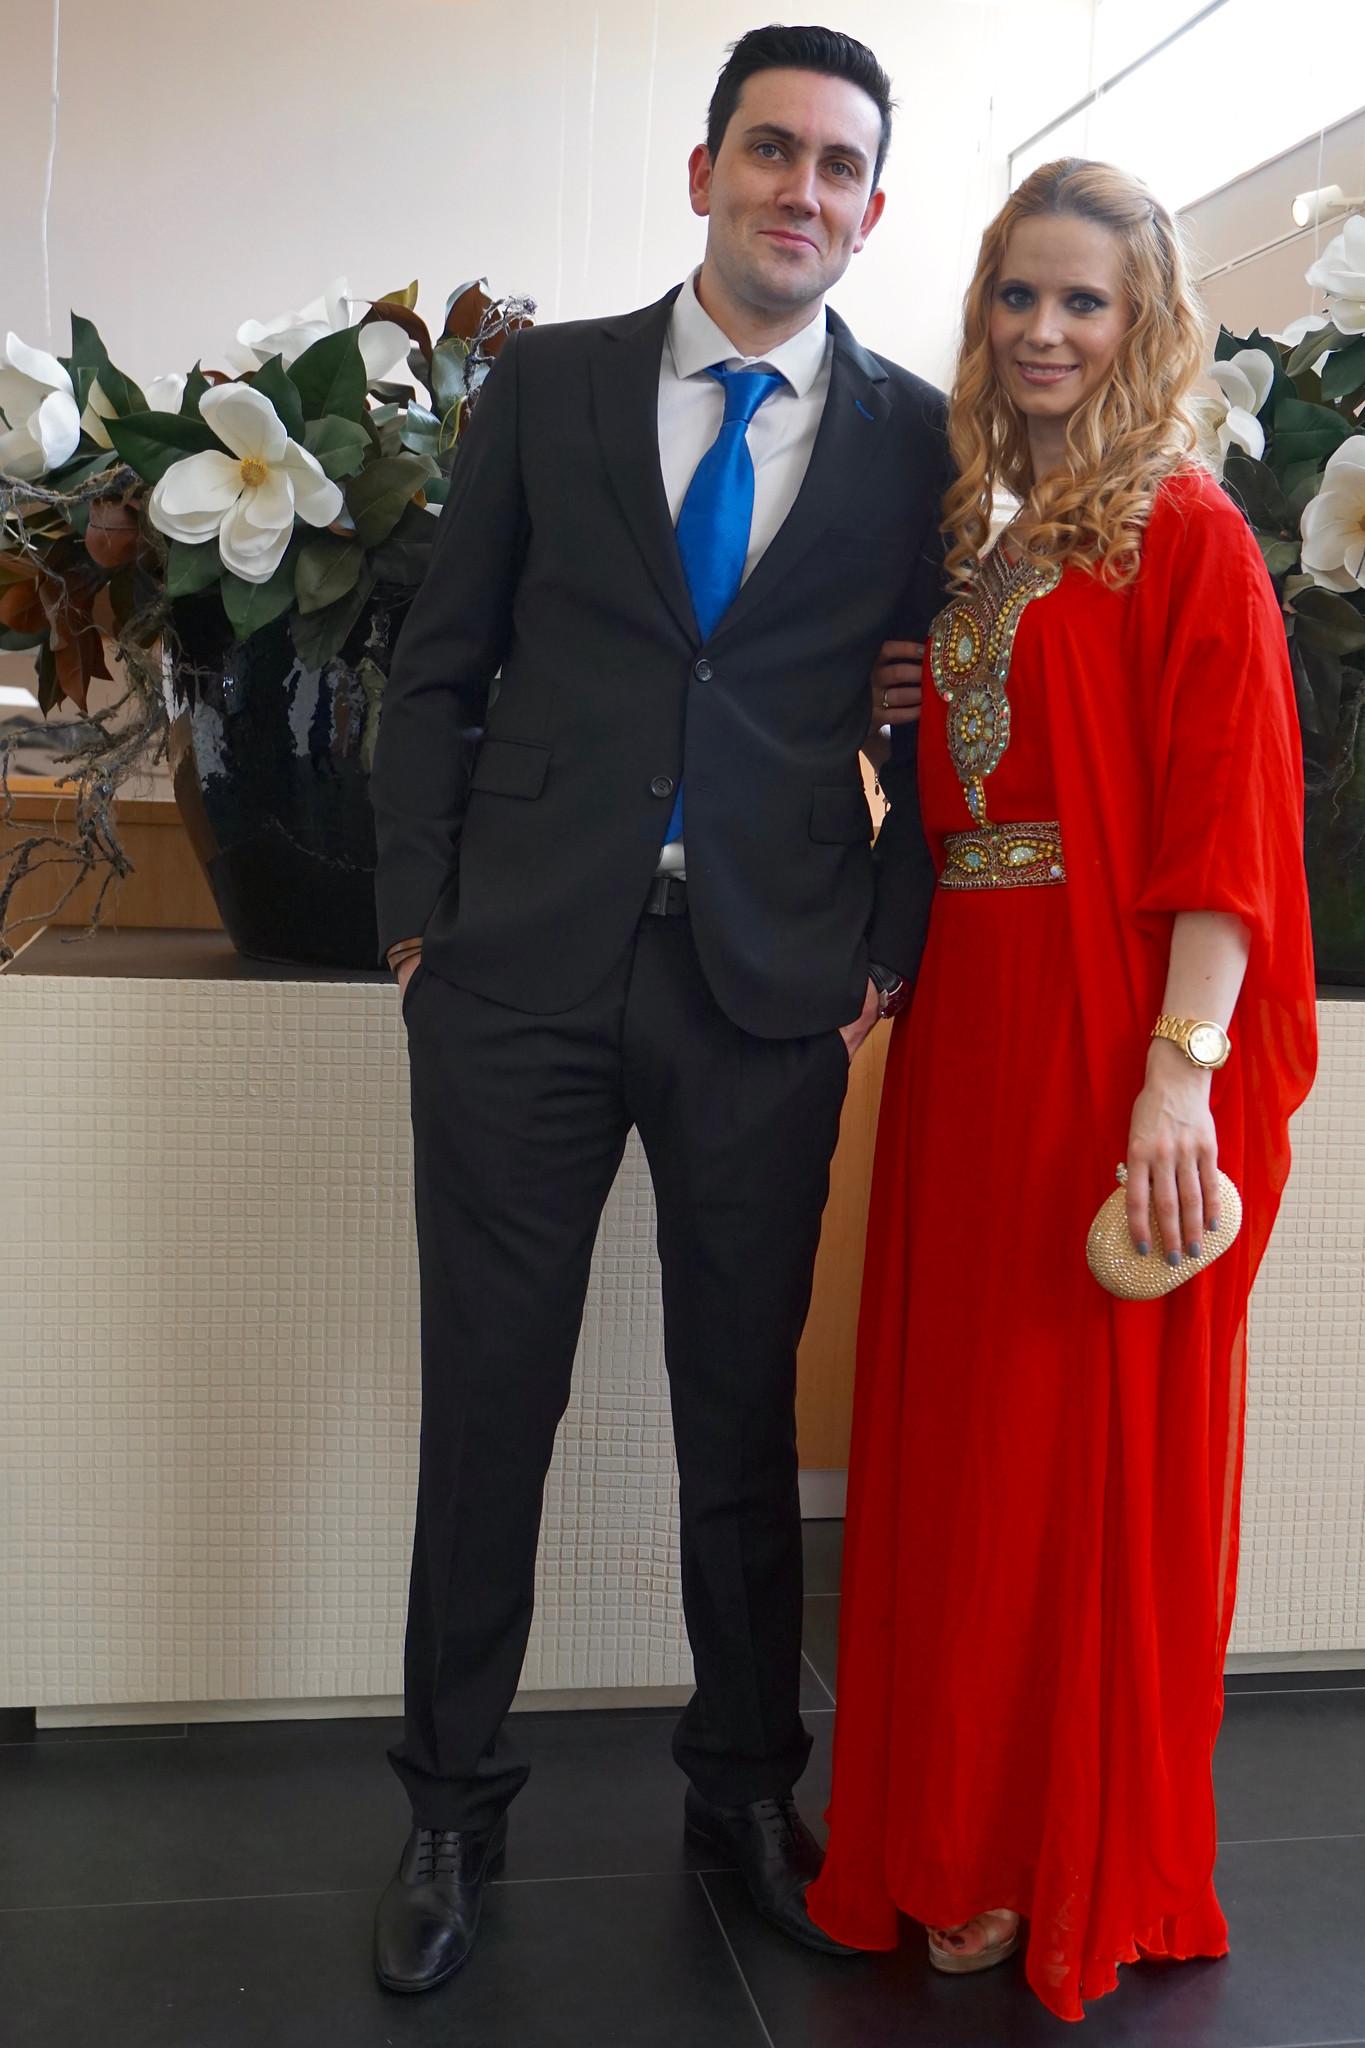 Vestidos para ir a una boda marroqui